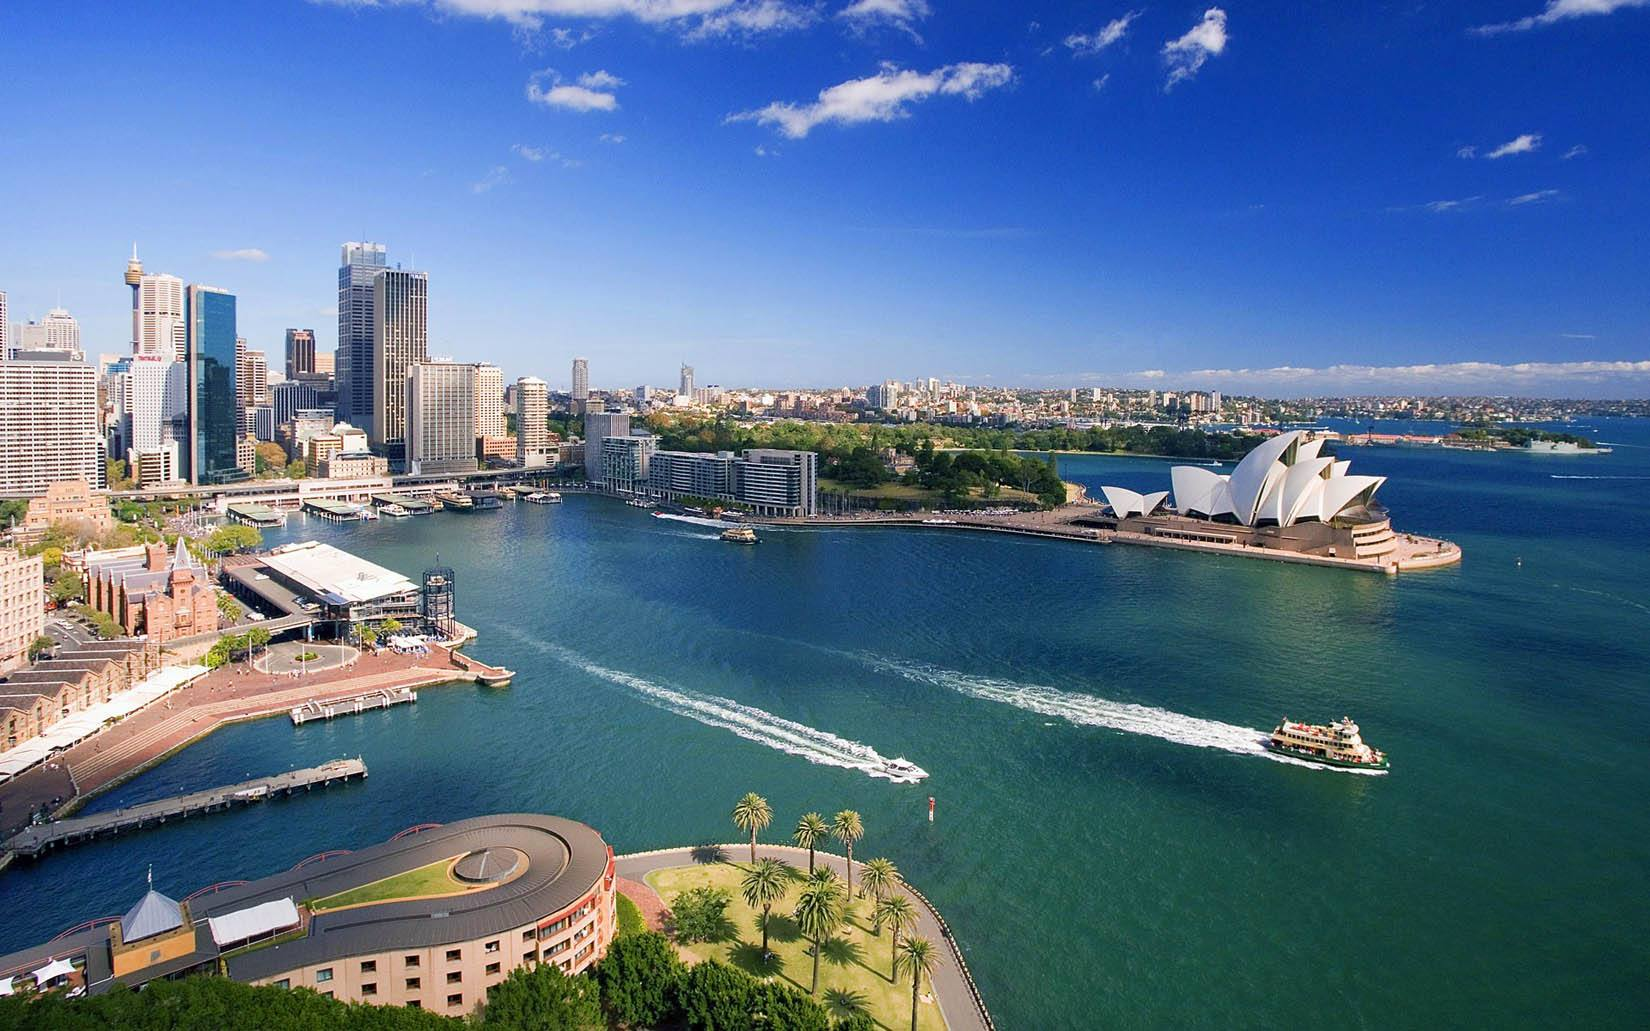 「新加坡留学」新加坡alevel考试科目有哪些?